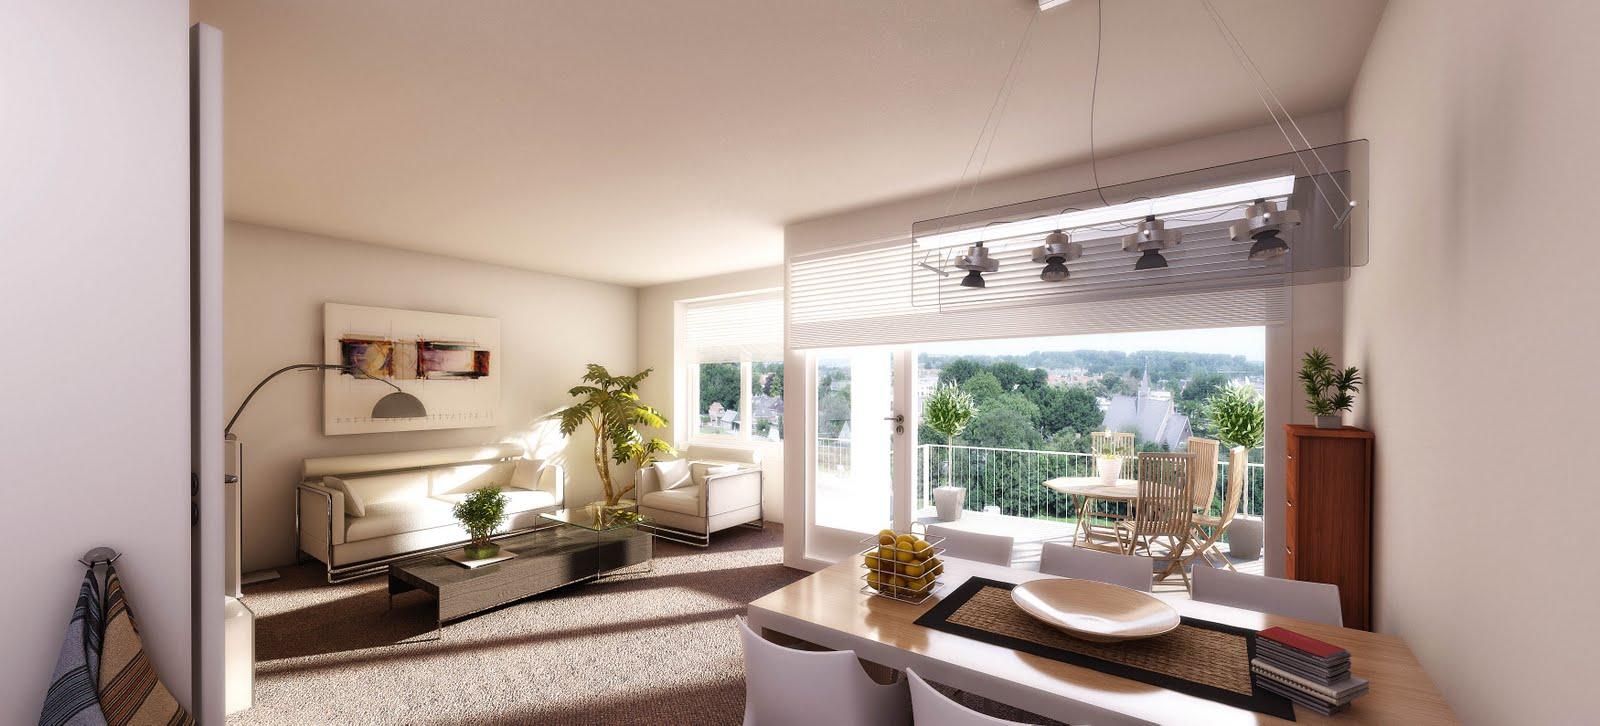 Huis interieur appartement interieur idee n voor 2012 for Interieur appartement design